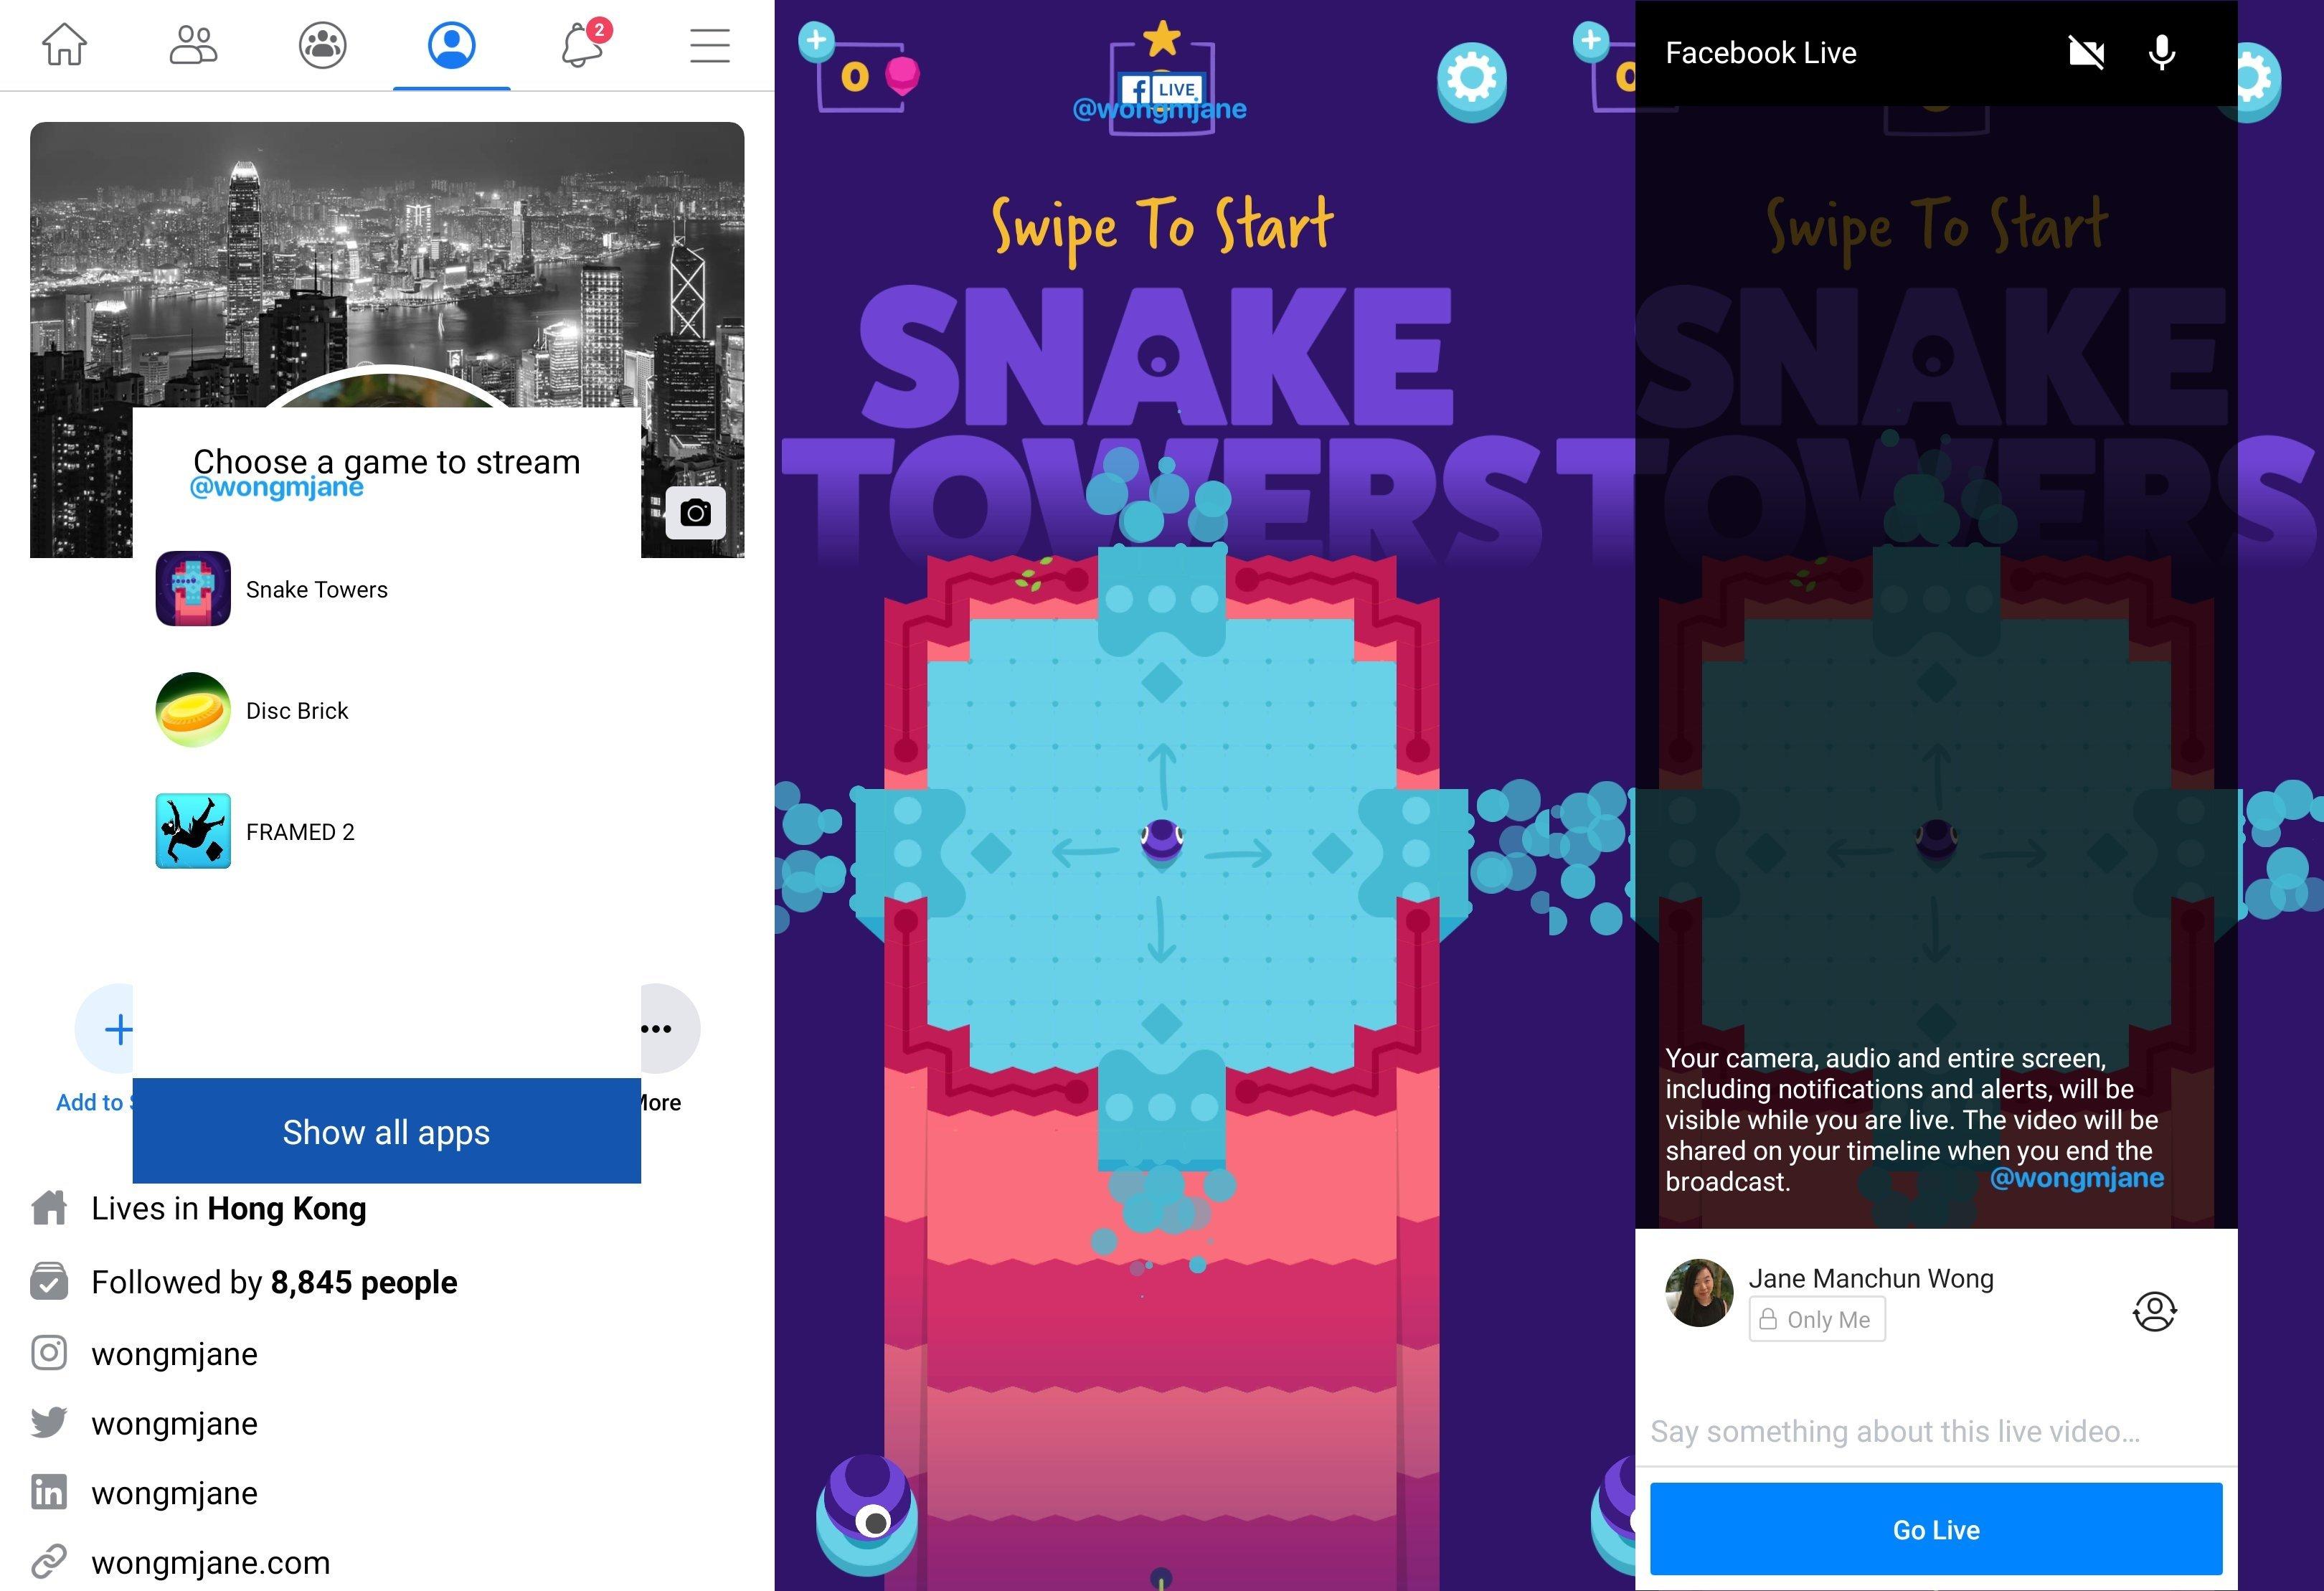 funcionalidade facebook live gaming